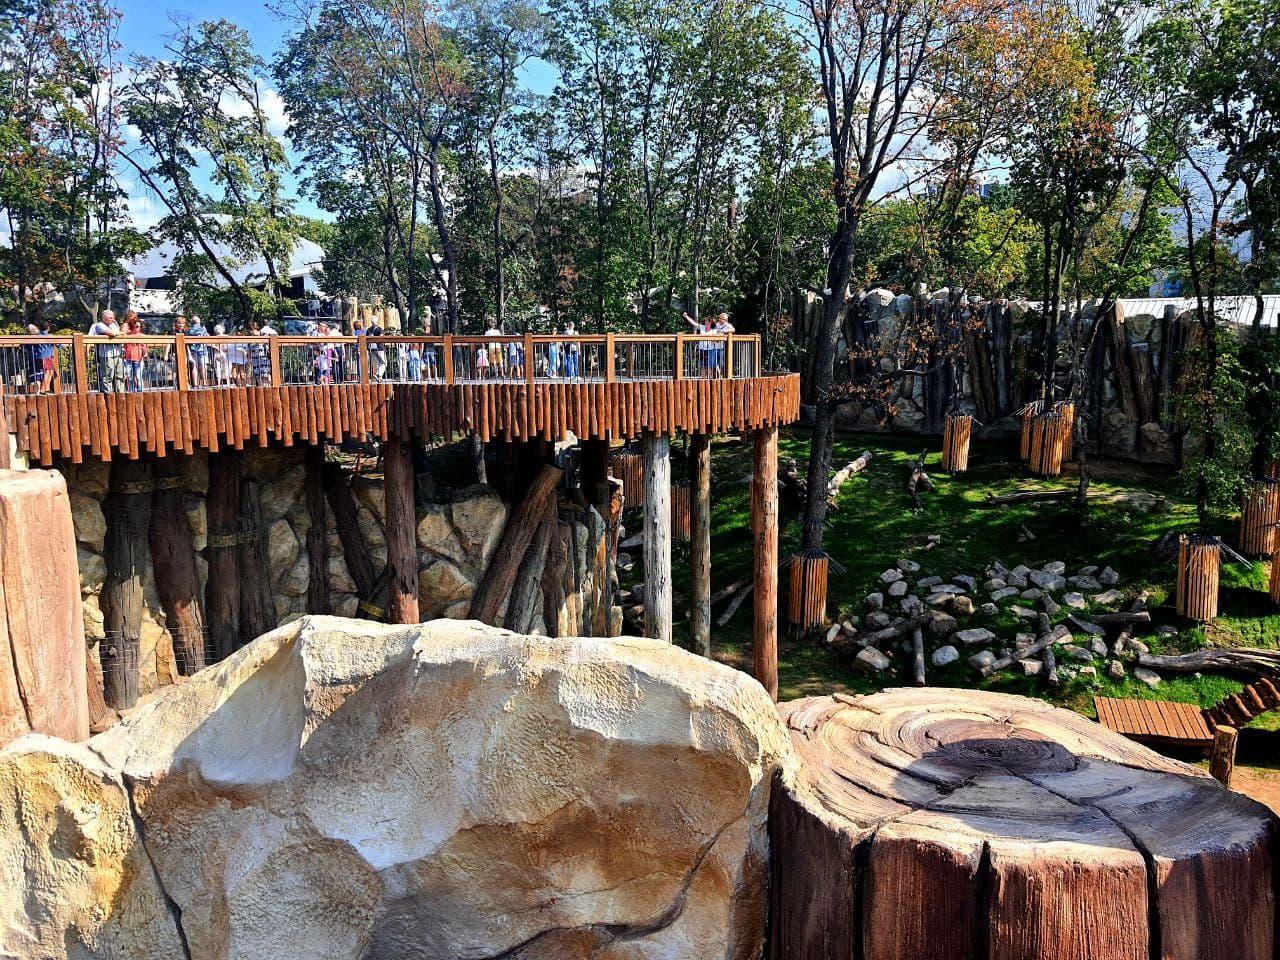 Смотри фото и видео: в Харькове открыли зоопарк после реконструкции фото 3